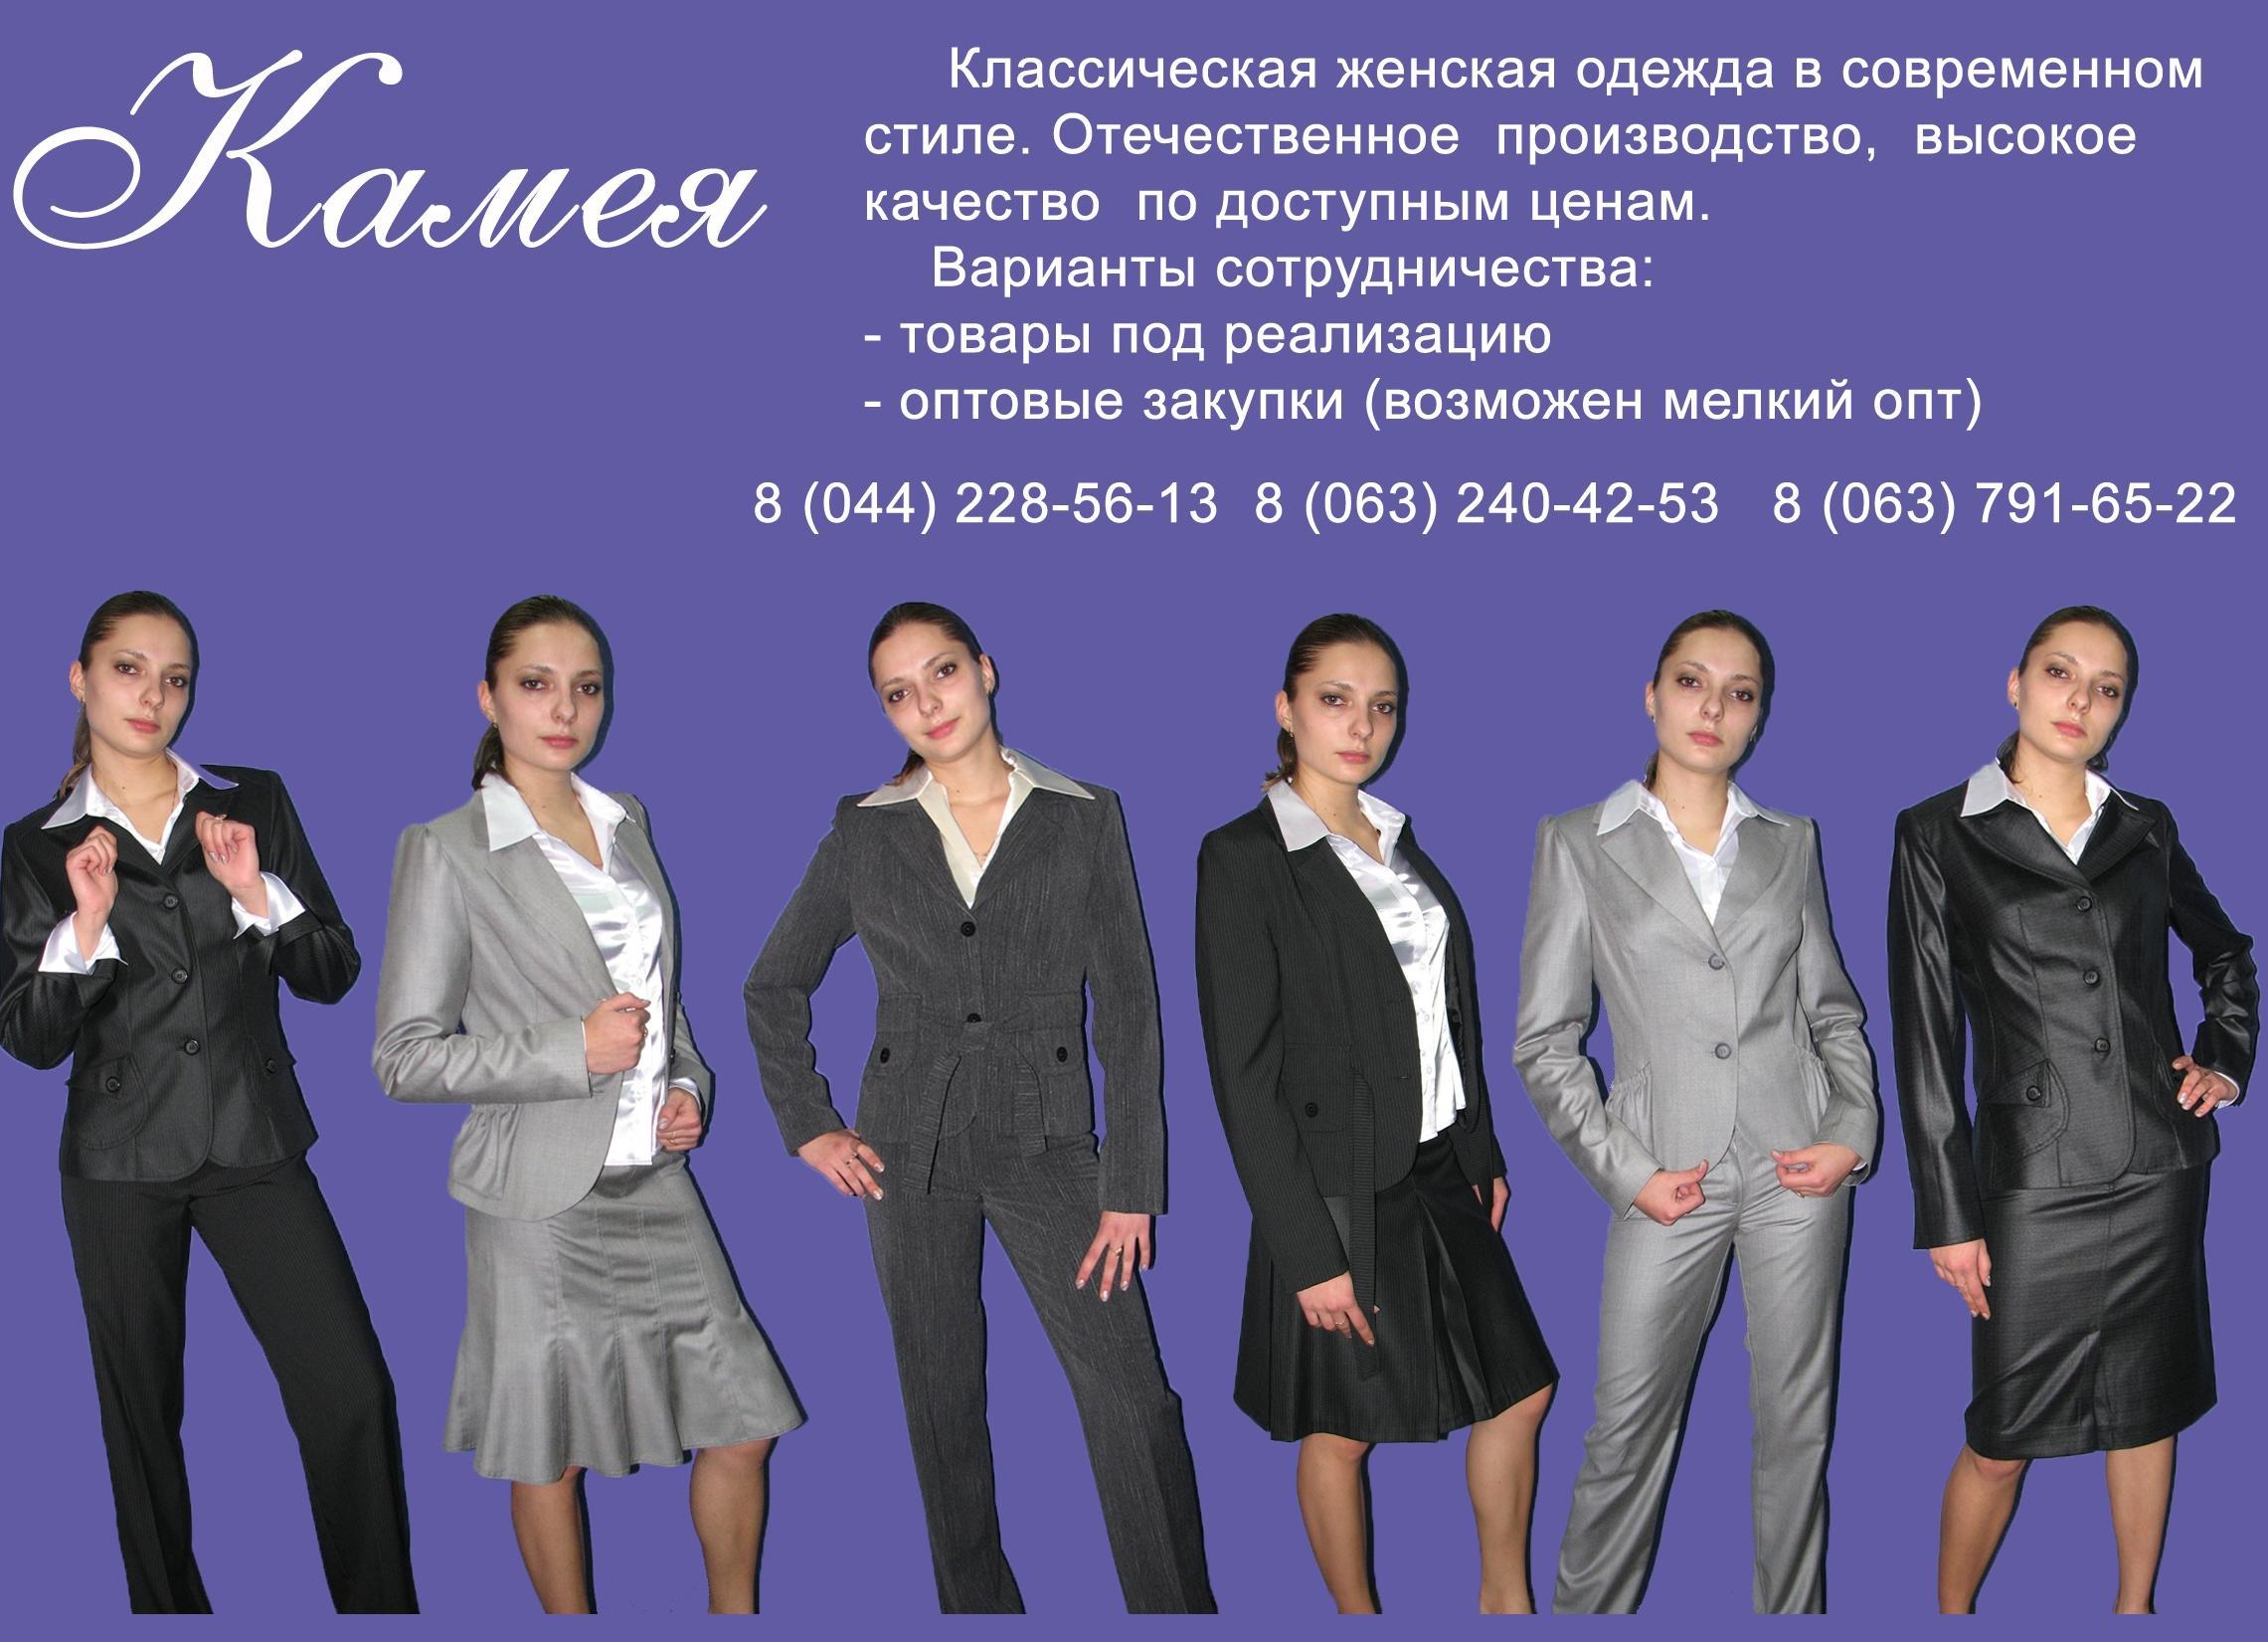 classik-t - производство женской одежды: